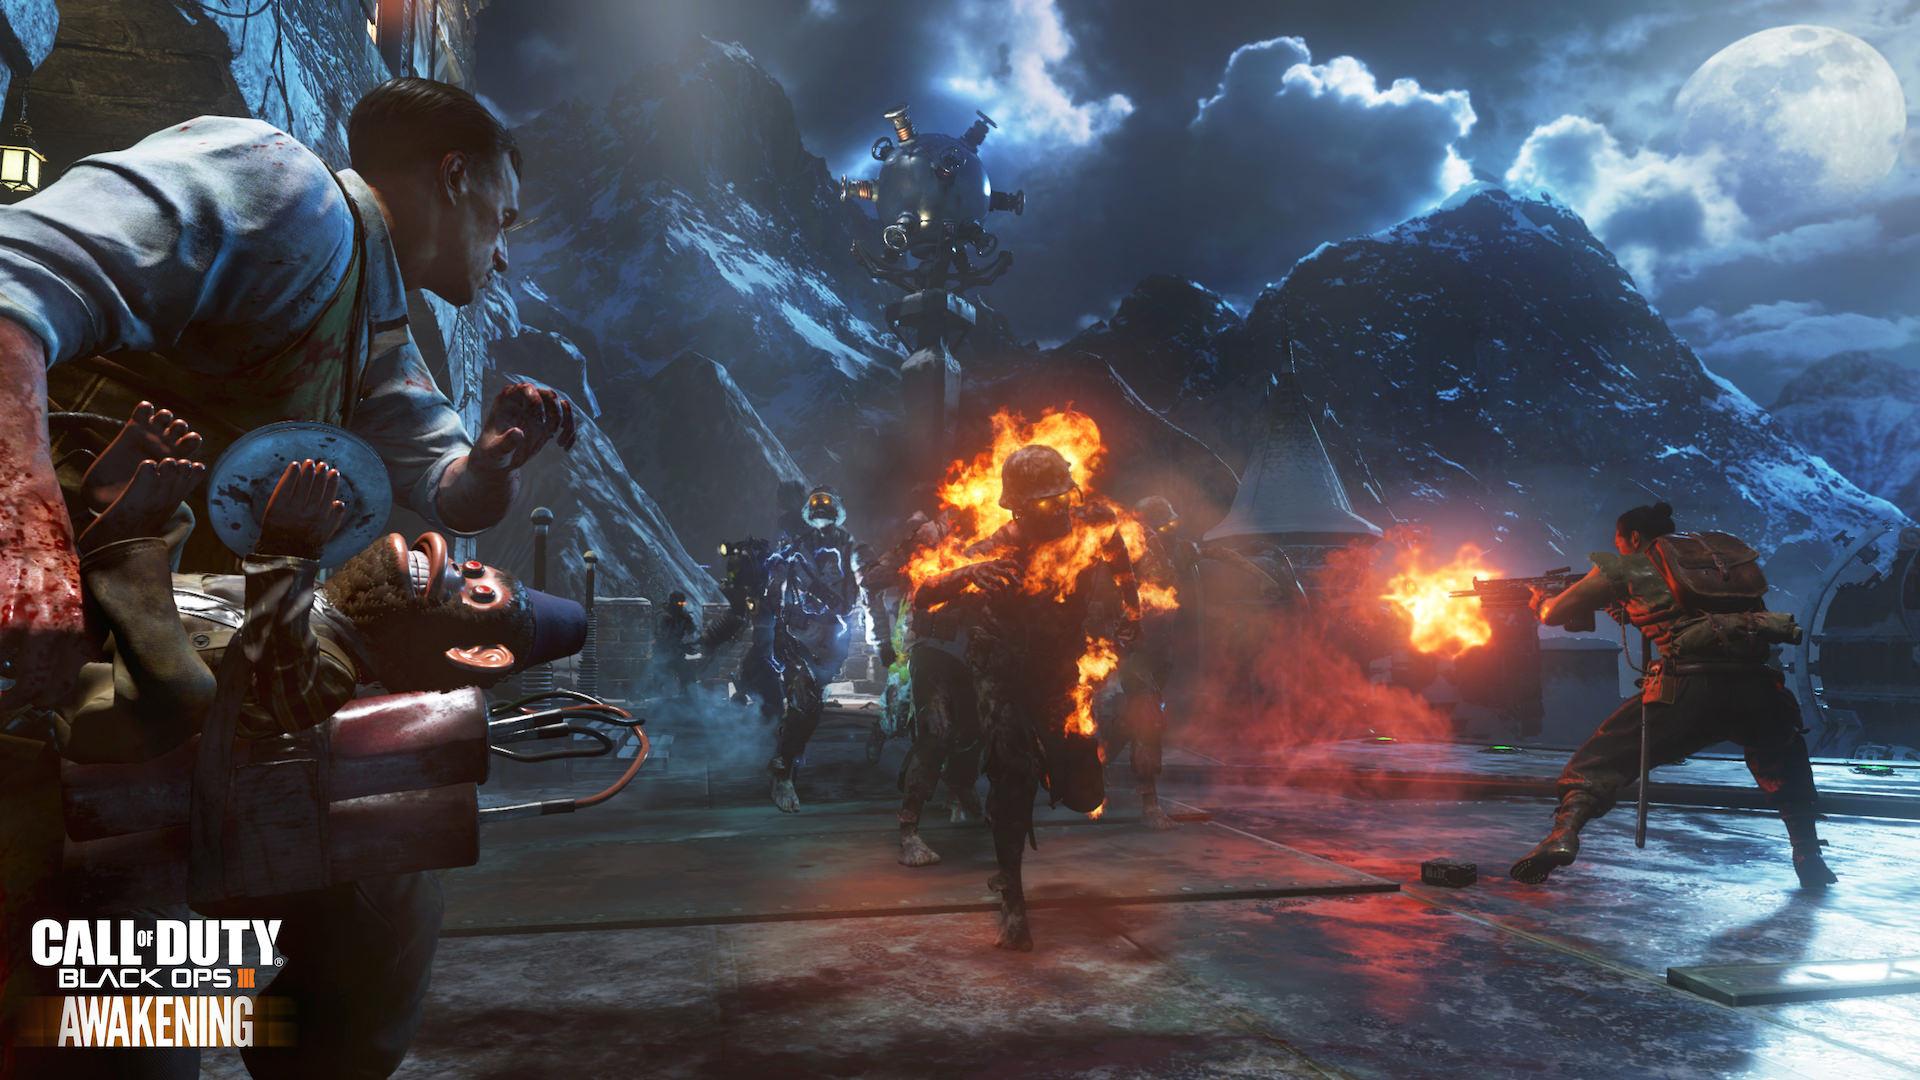 (6) New official screenshots for Black Ops 3 Awakening DLC .